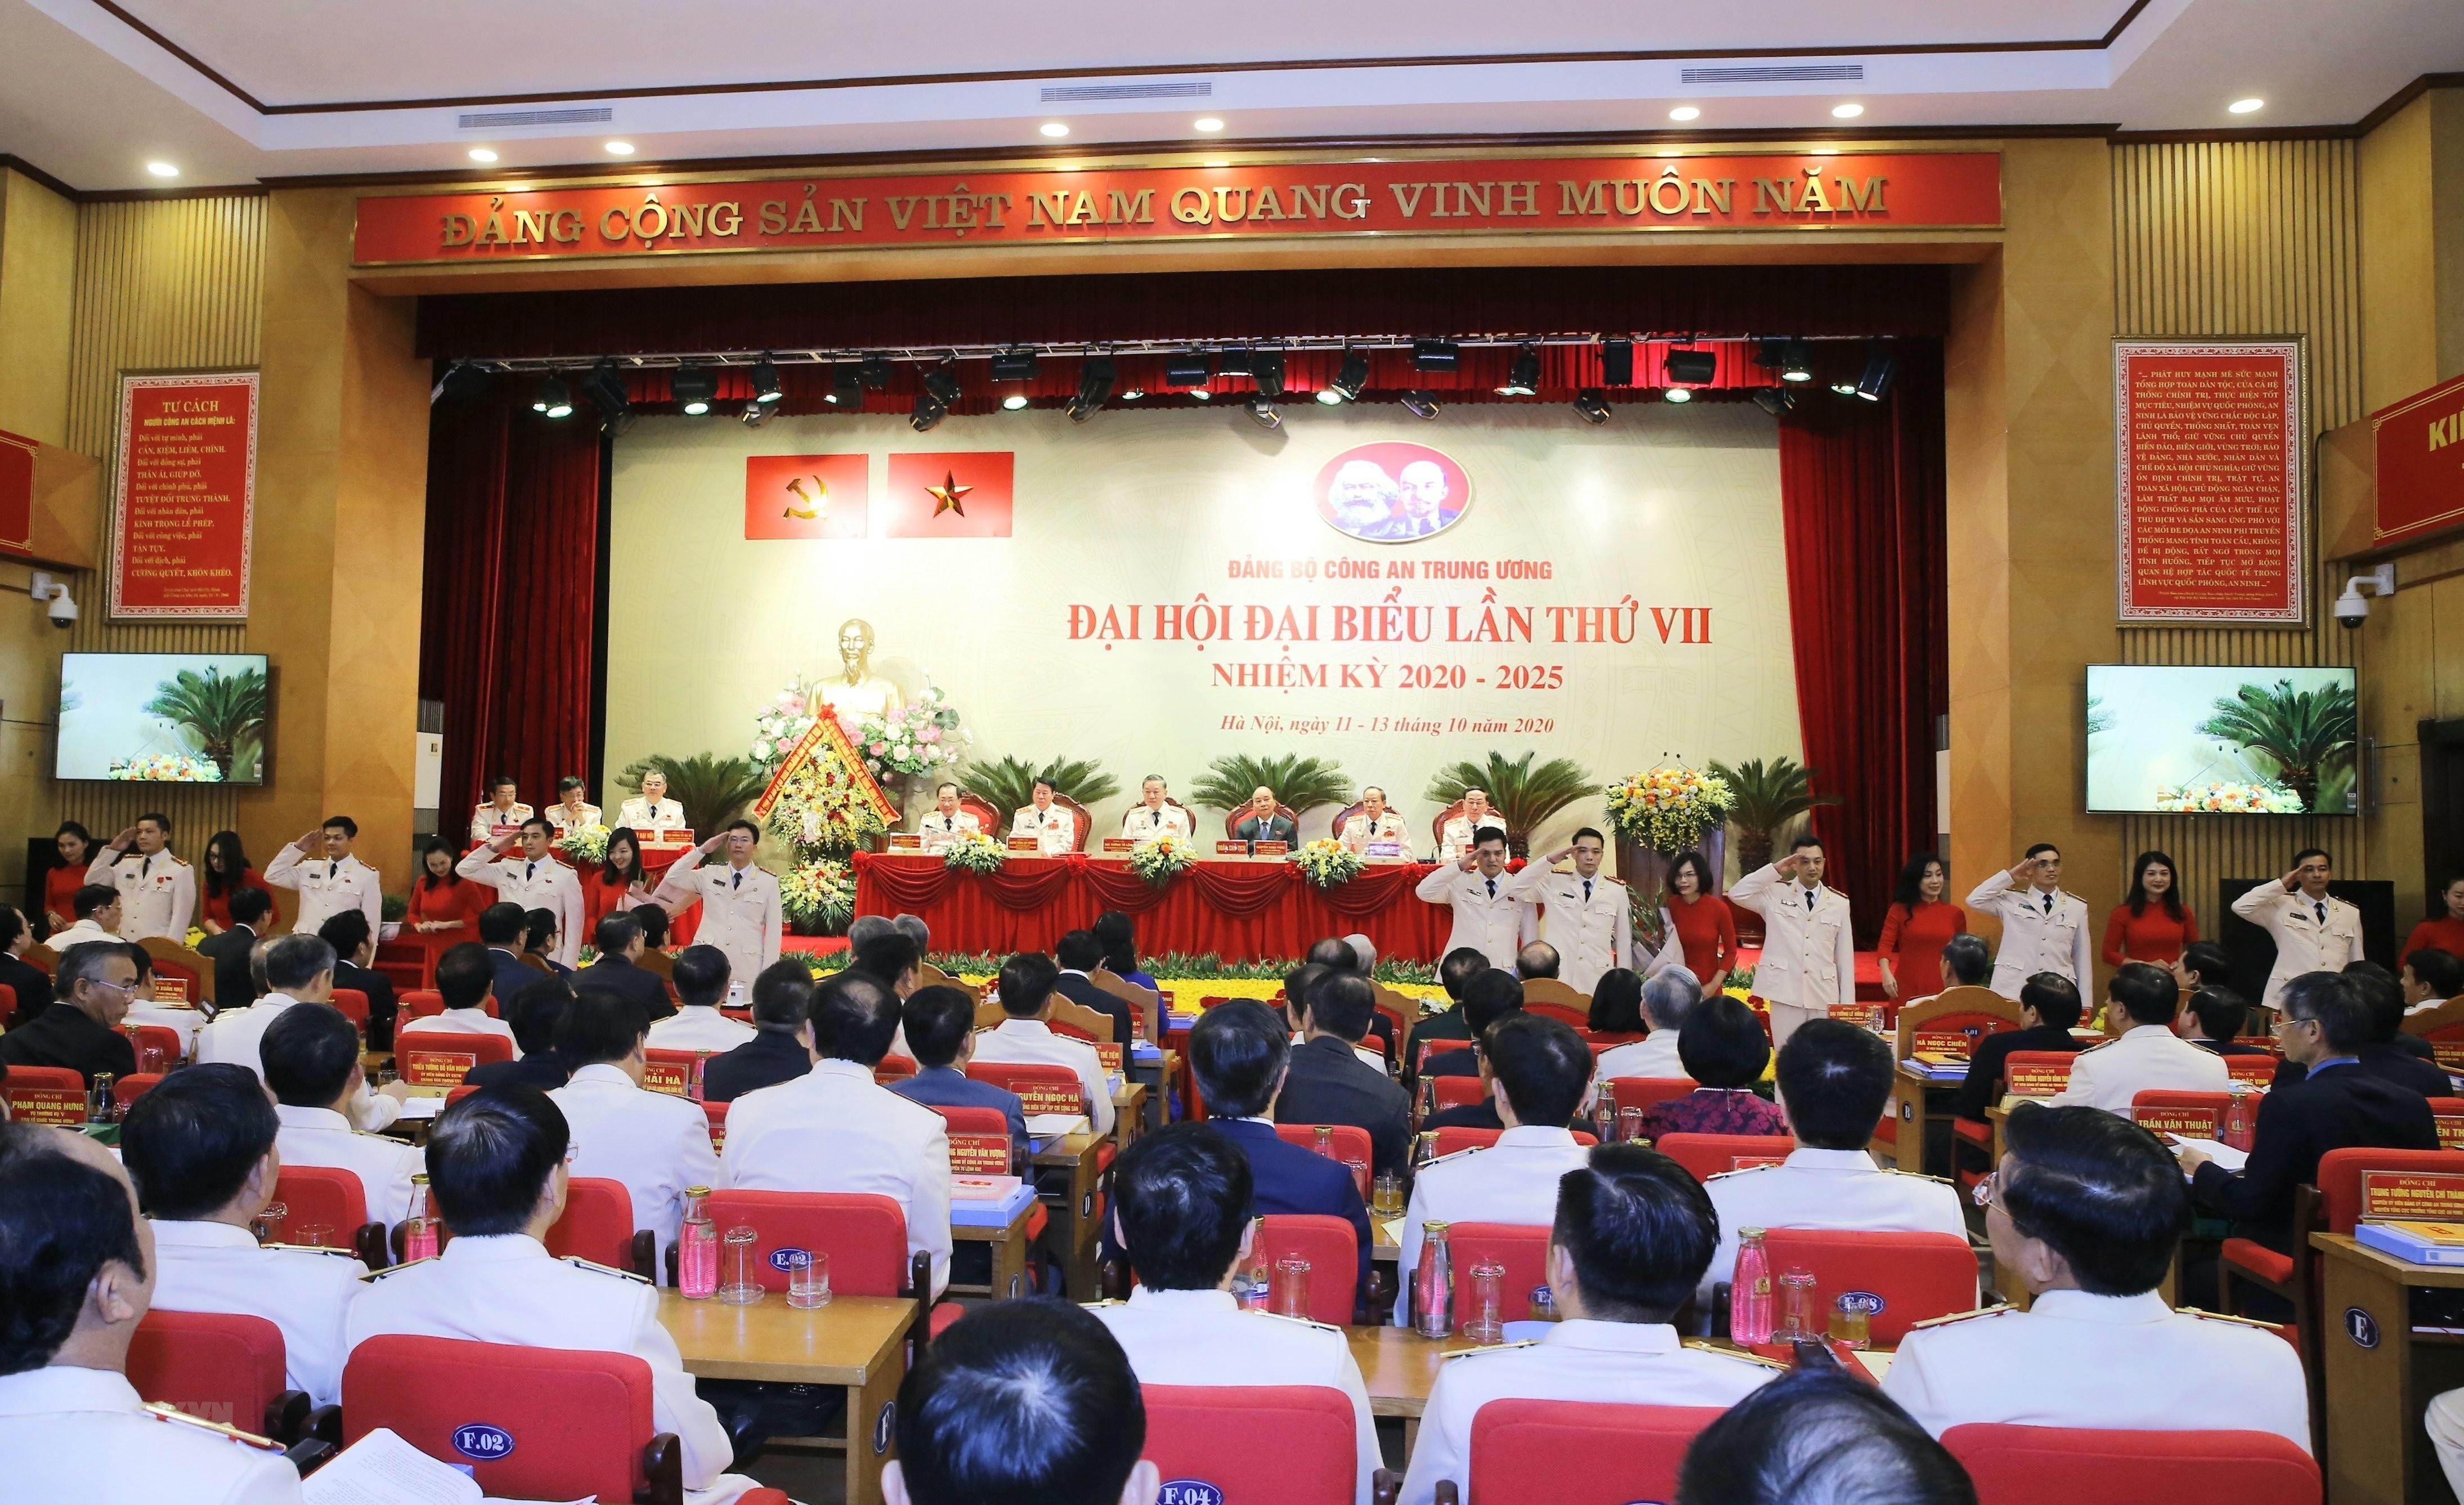 Thu tuong du Dai hoi dai bieu Dang bo Cong an Trung uong lan thu VII hinh anh 9